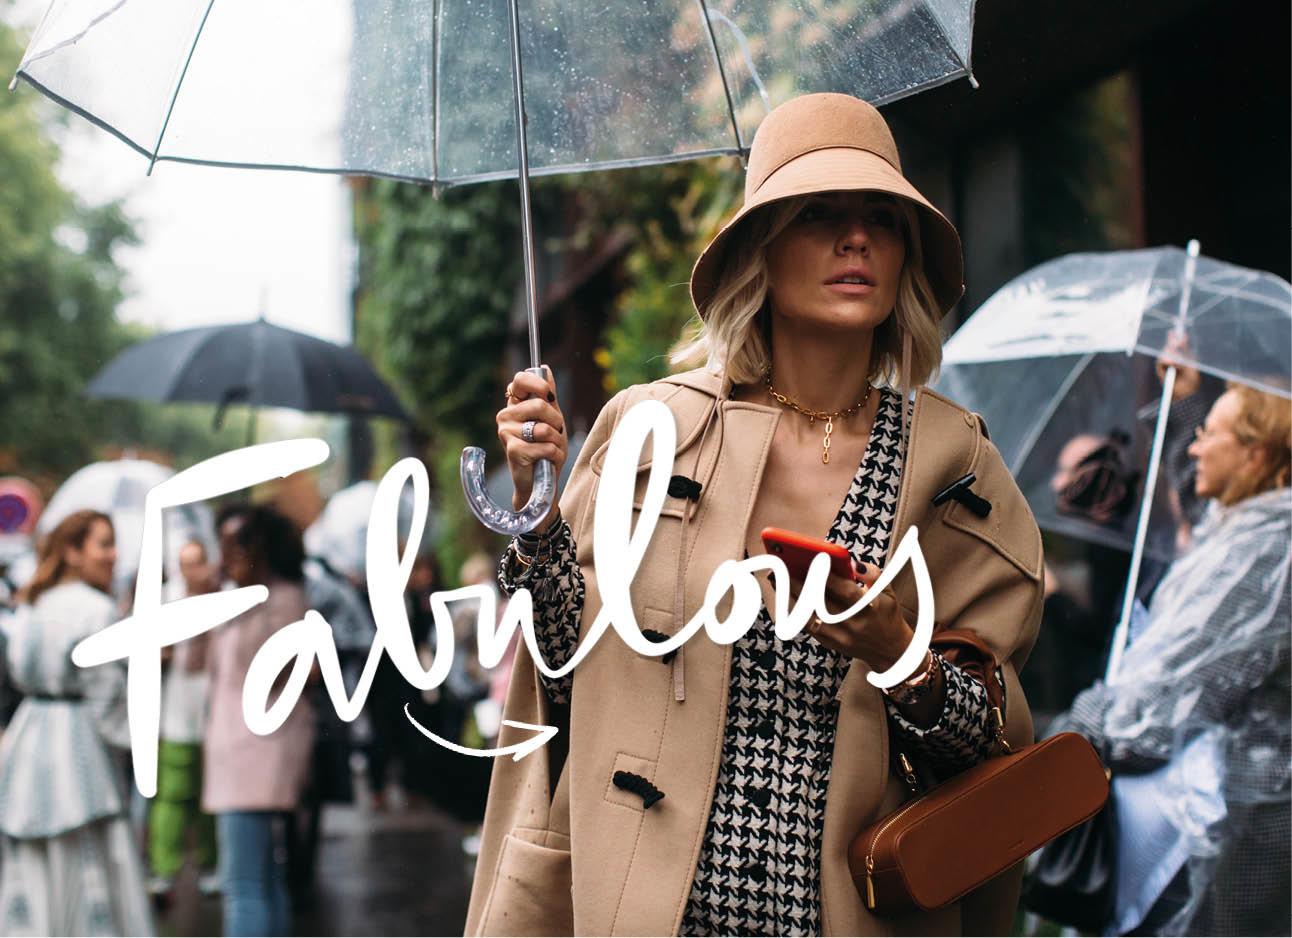 vrouw met hoedje op en paraplu streetstyle mode paris